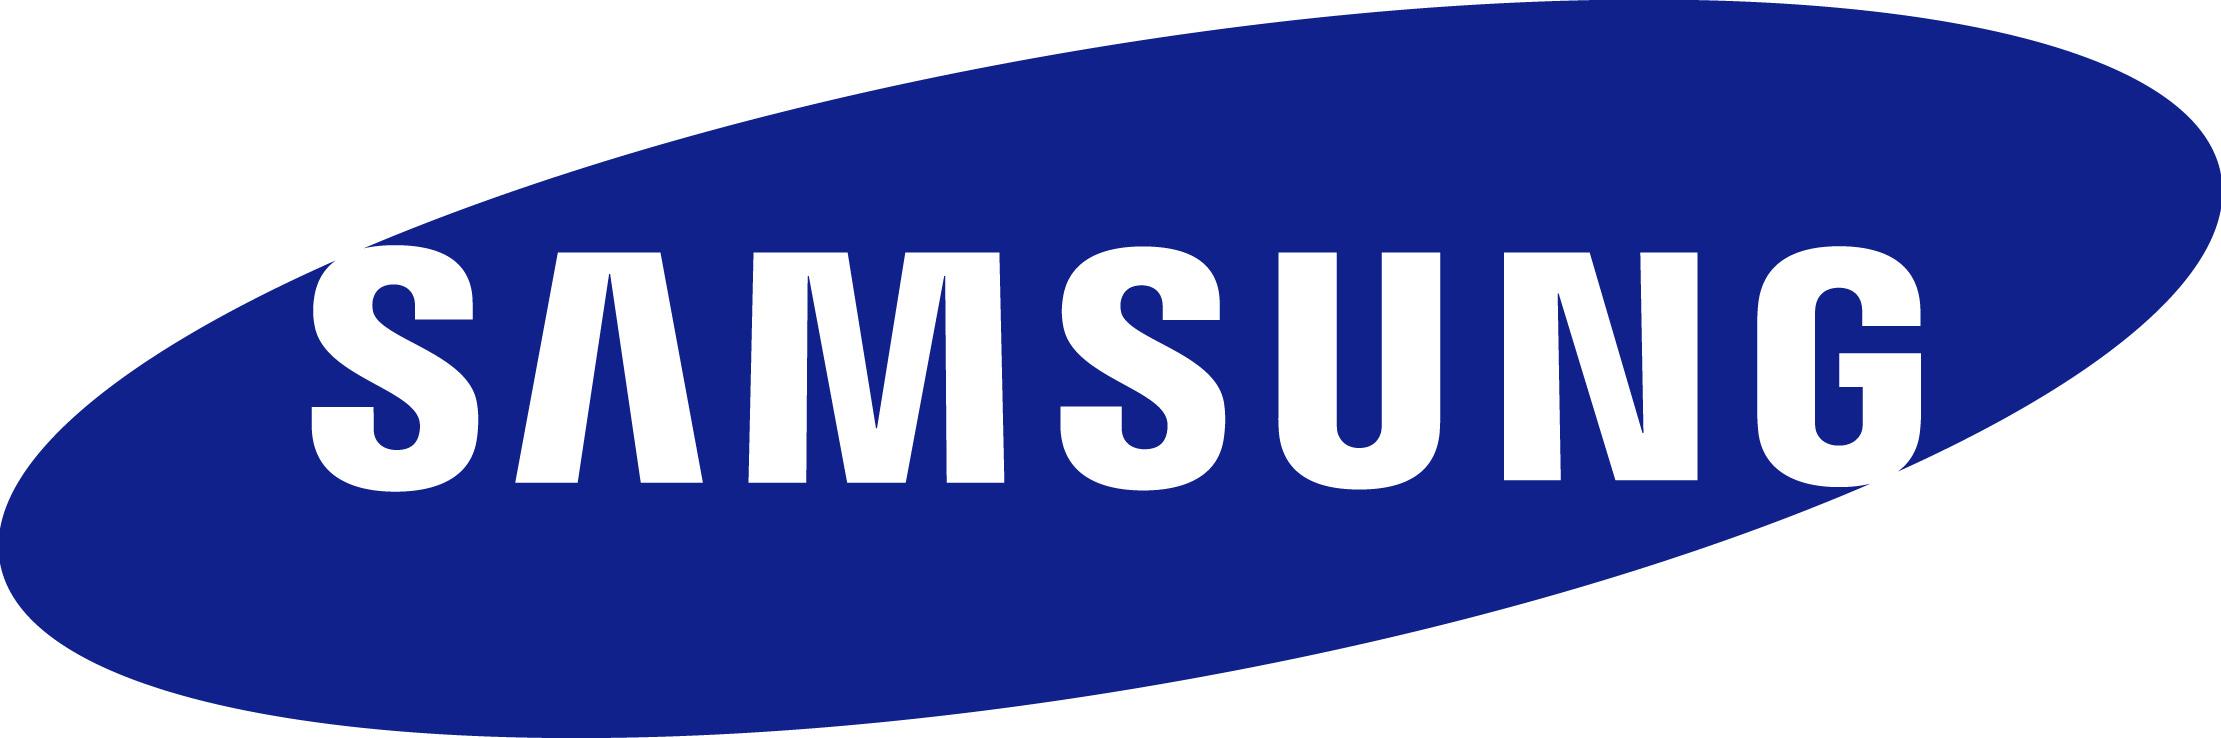 Samsung Galaxy S5 puede incluir procesador de 64 bits